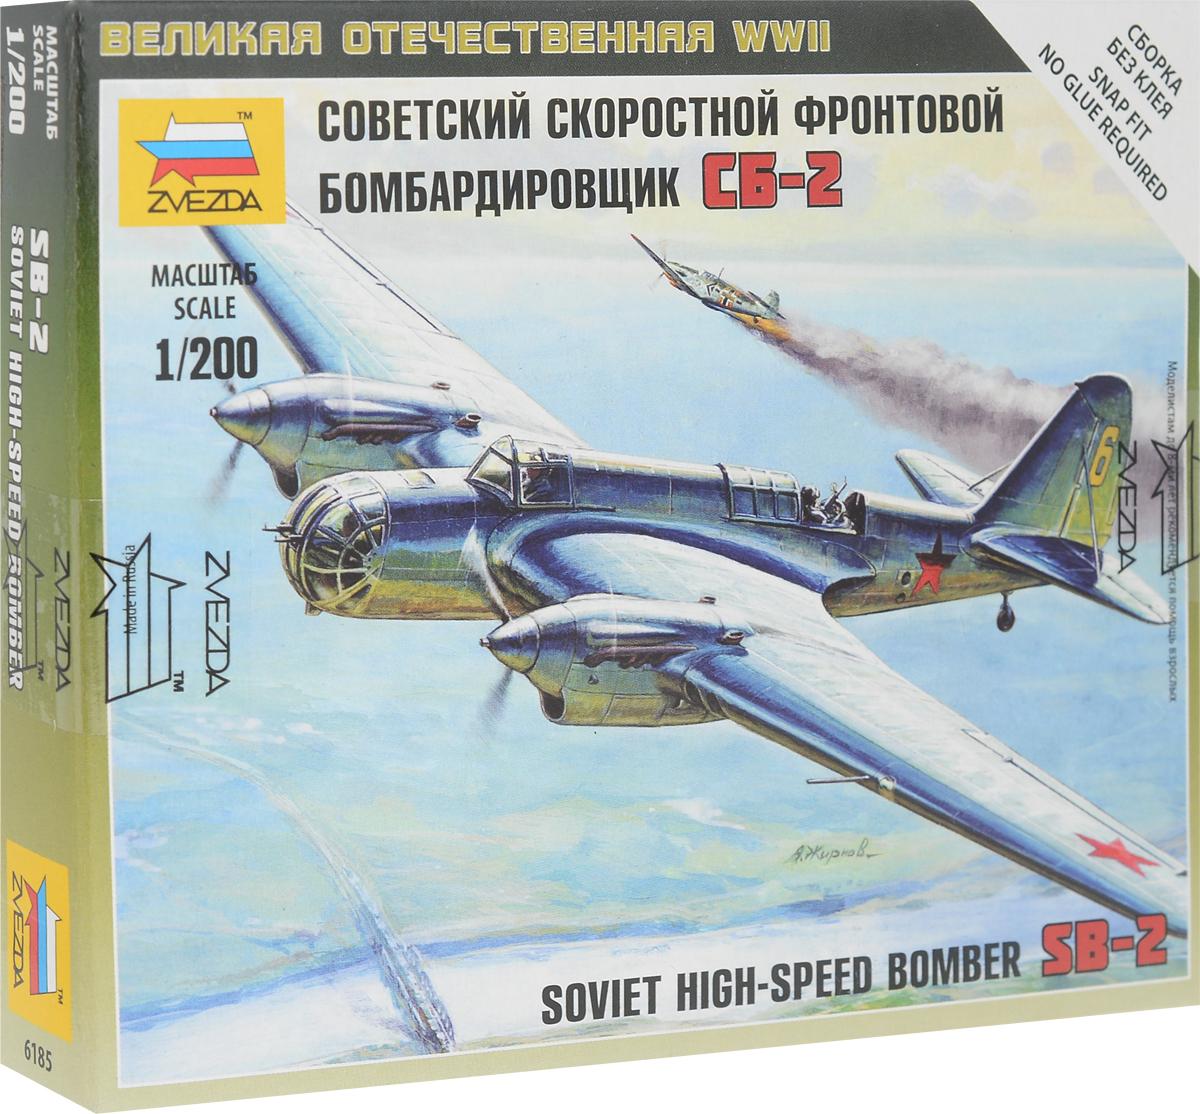 Звезда Сборная модель Советский скоростной фронтовой бомбардировщик СБ-2